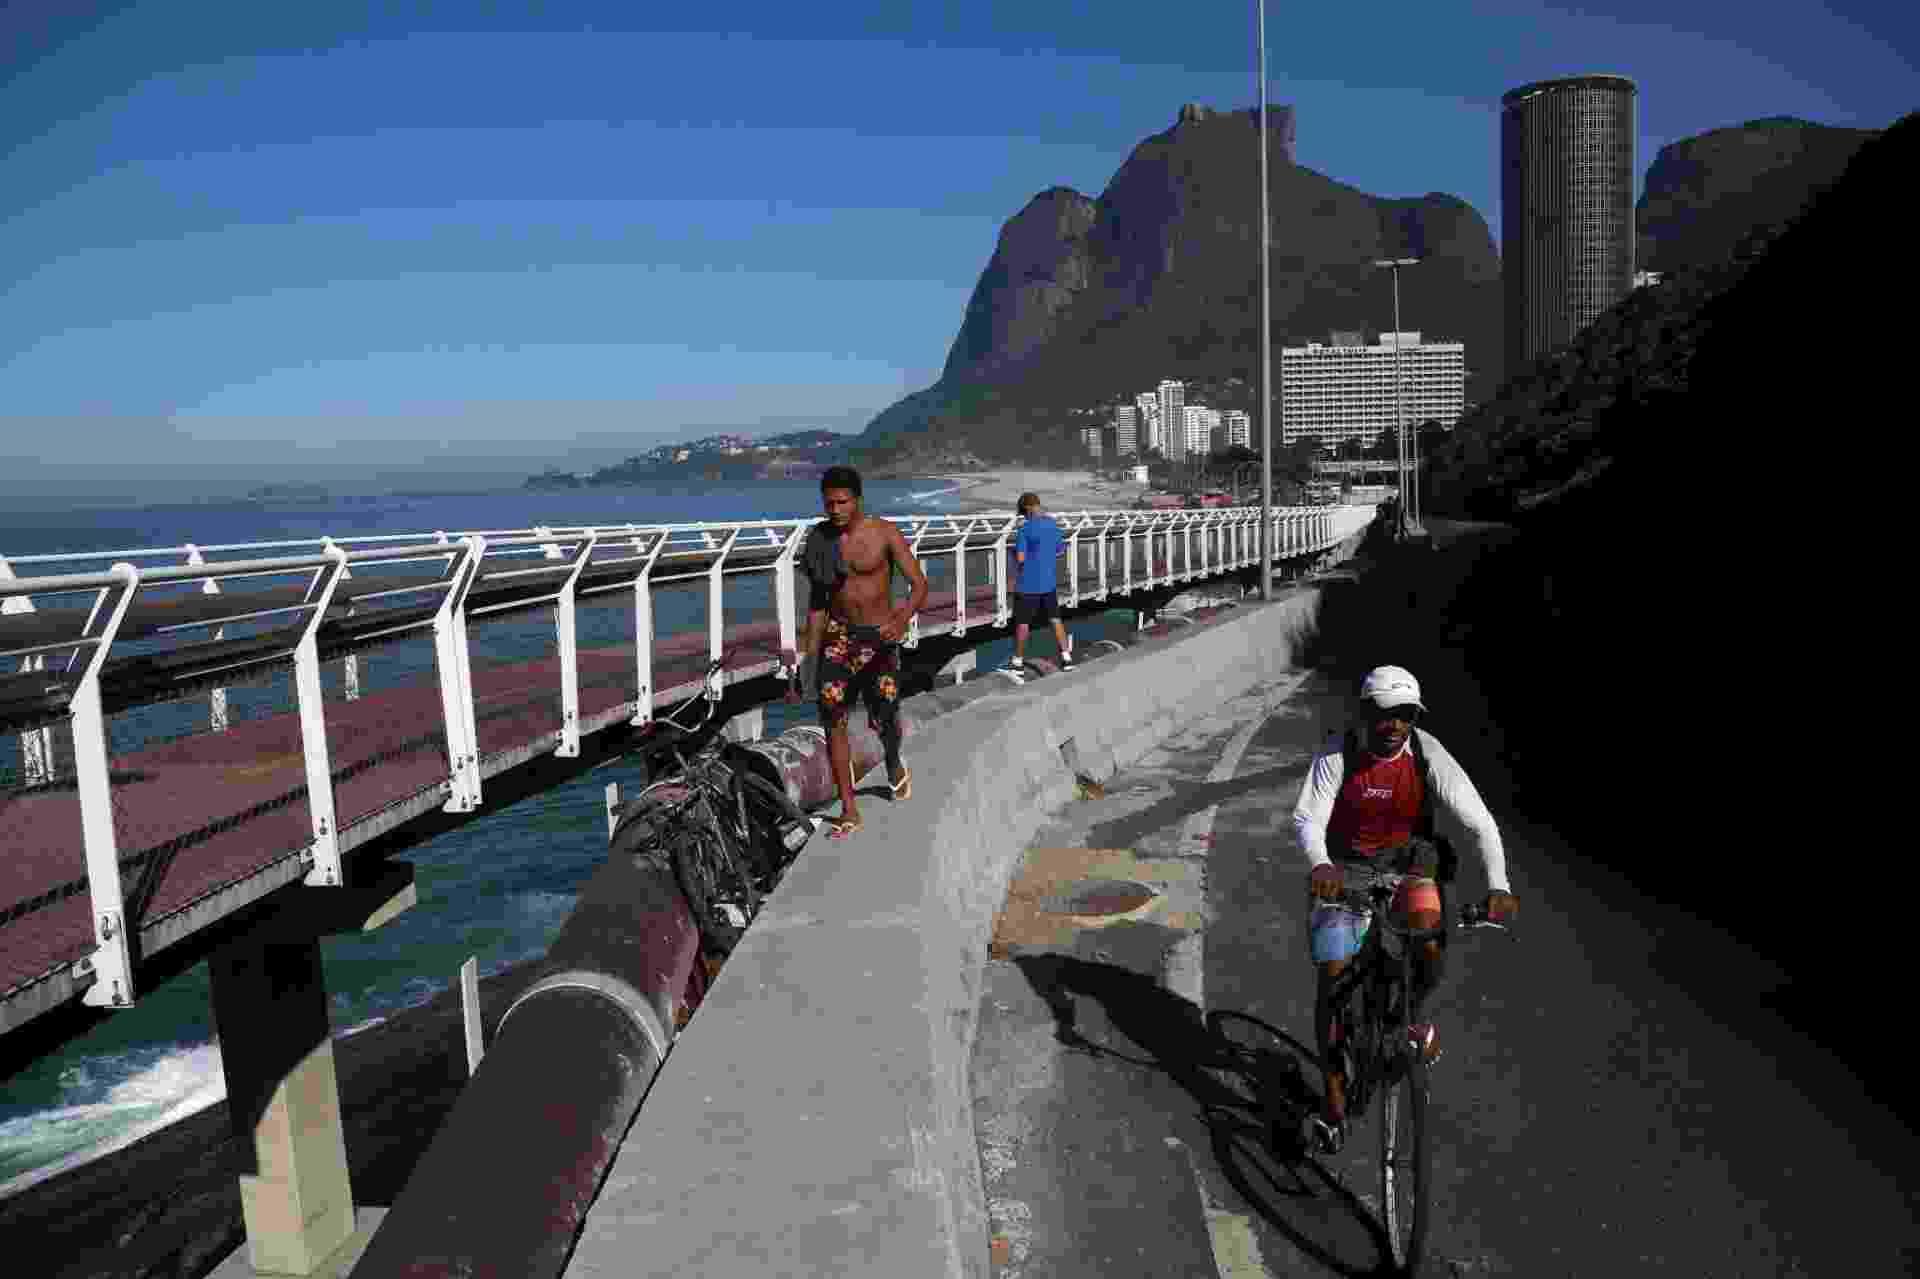 Com ciclovia interditada, ciclistas e pedestres se arriscam na av. Niemeyer - Custódio Coimbra/Agência O Globo